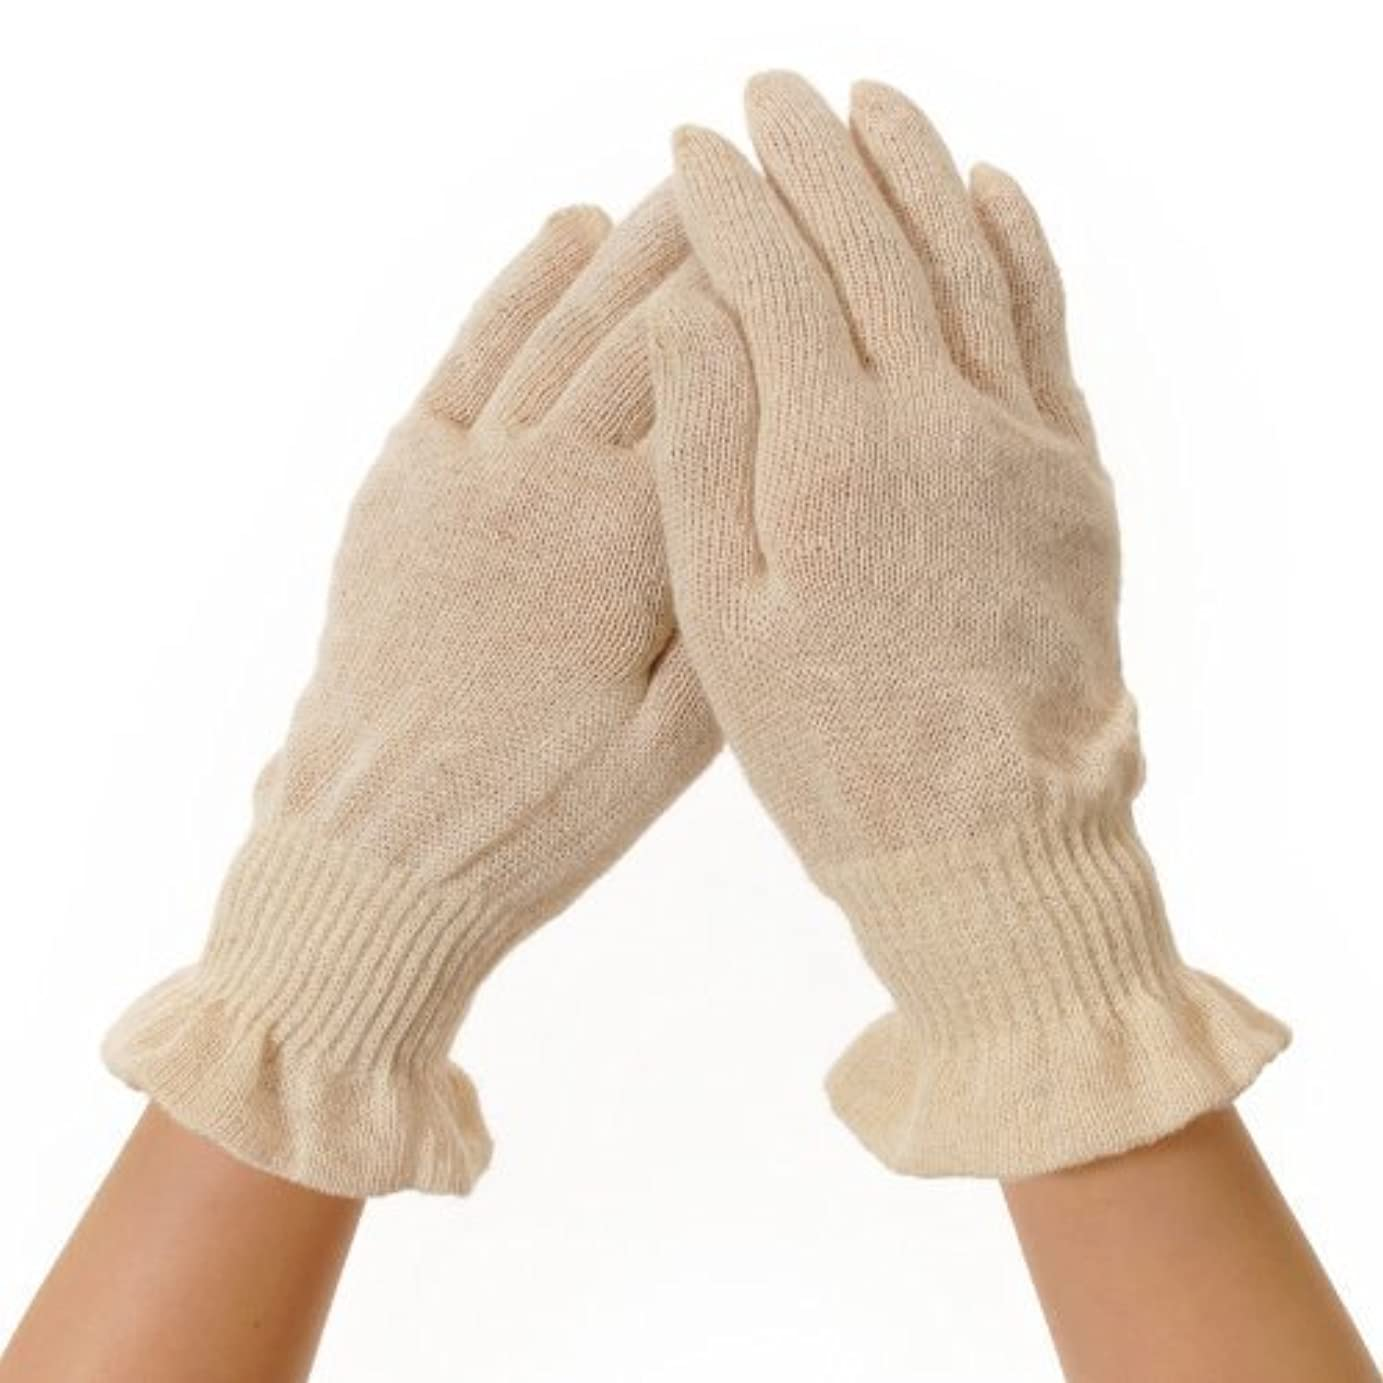 麻福 就寝用 手袋 [寝ている間に保湿で手荒れケア おやすみ手袋] 麻福特製ヘンプ糸 Rサイズ (女性ゆったり/男性ジャストフィット) きなり色 手荒れ予防